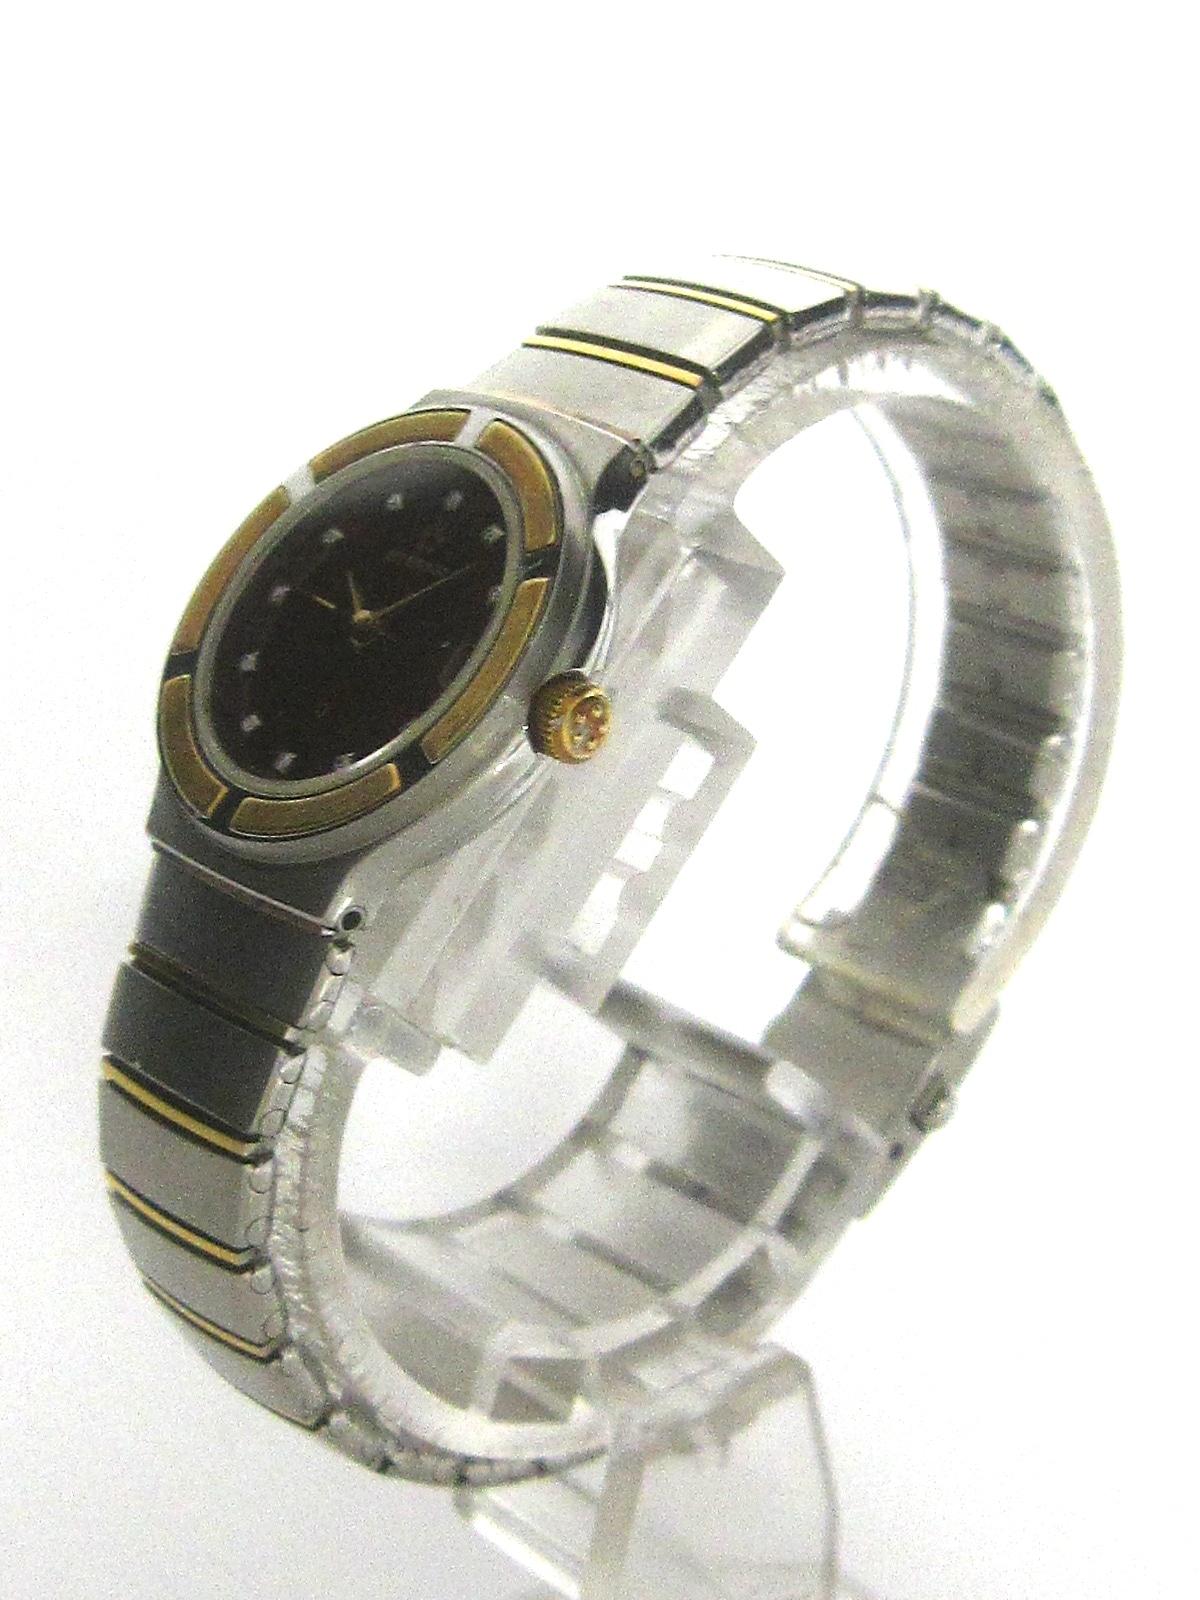 ETERNA(エテルナ)の腕時計